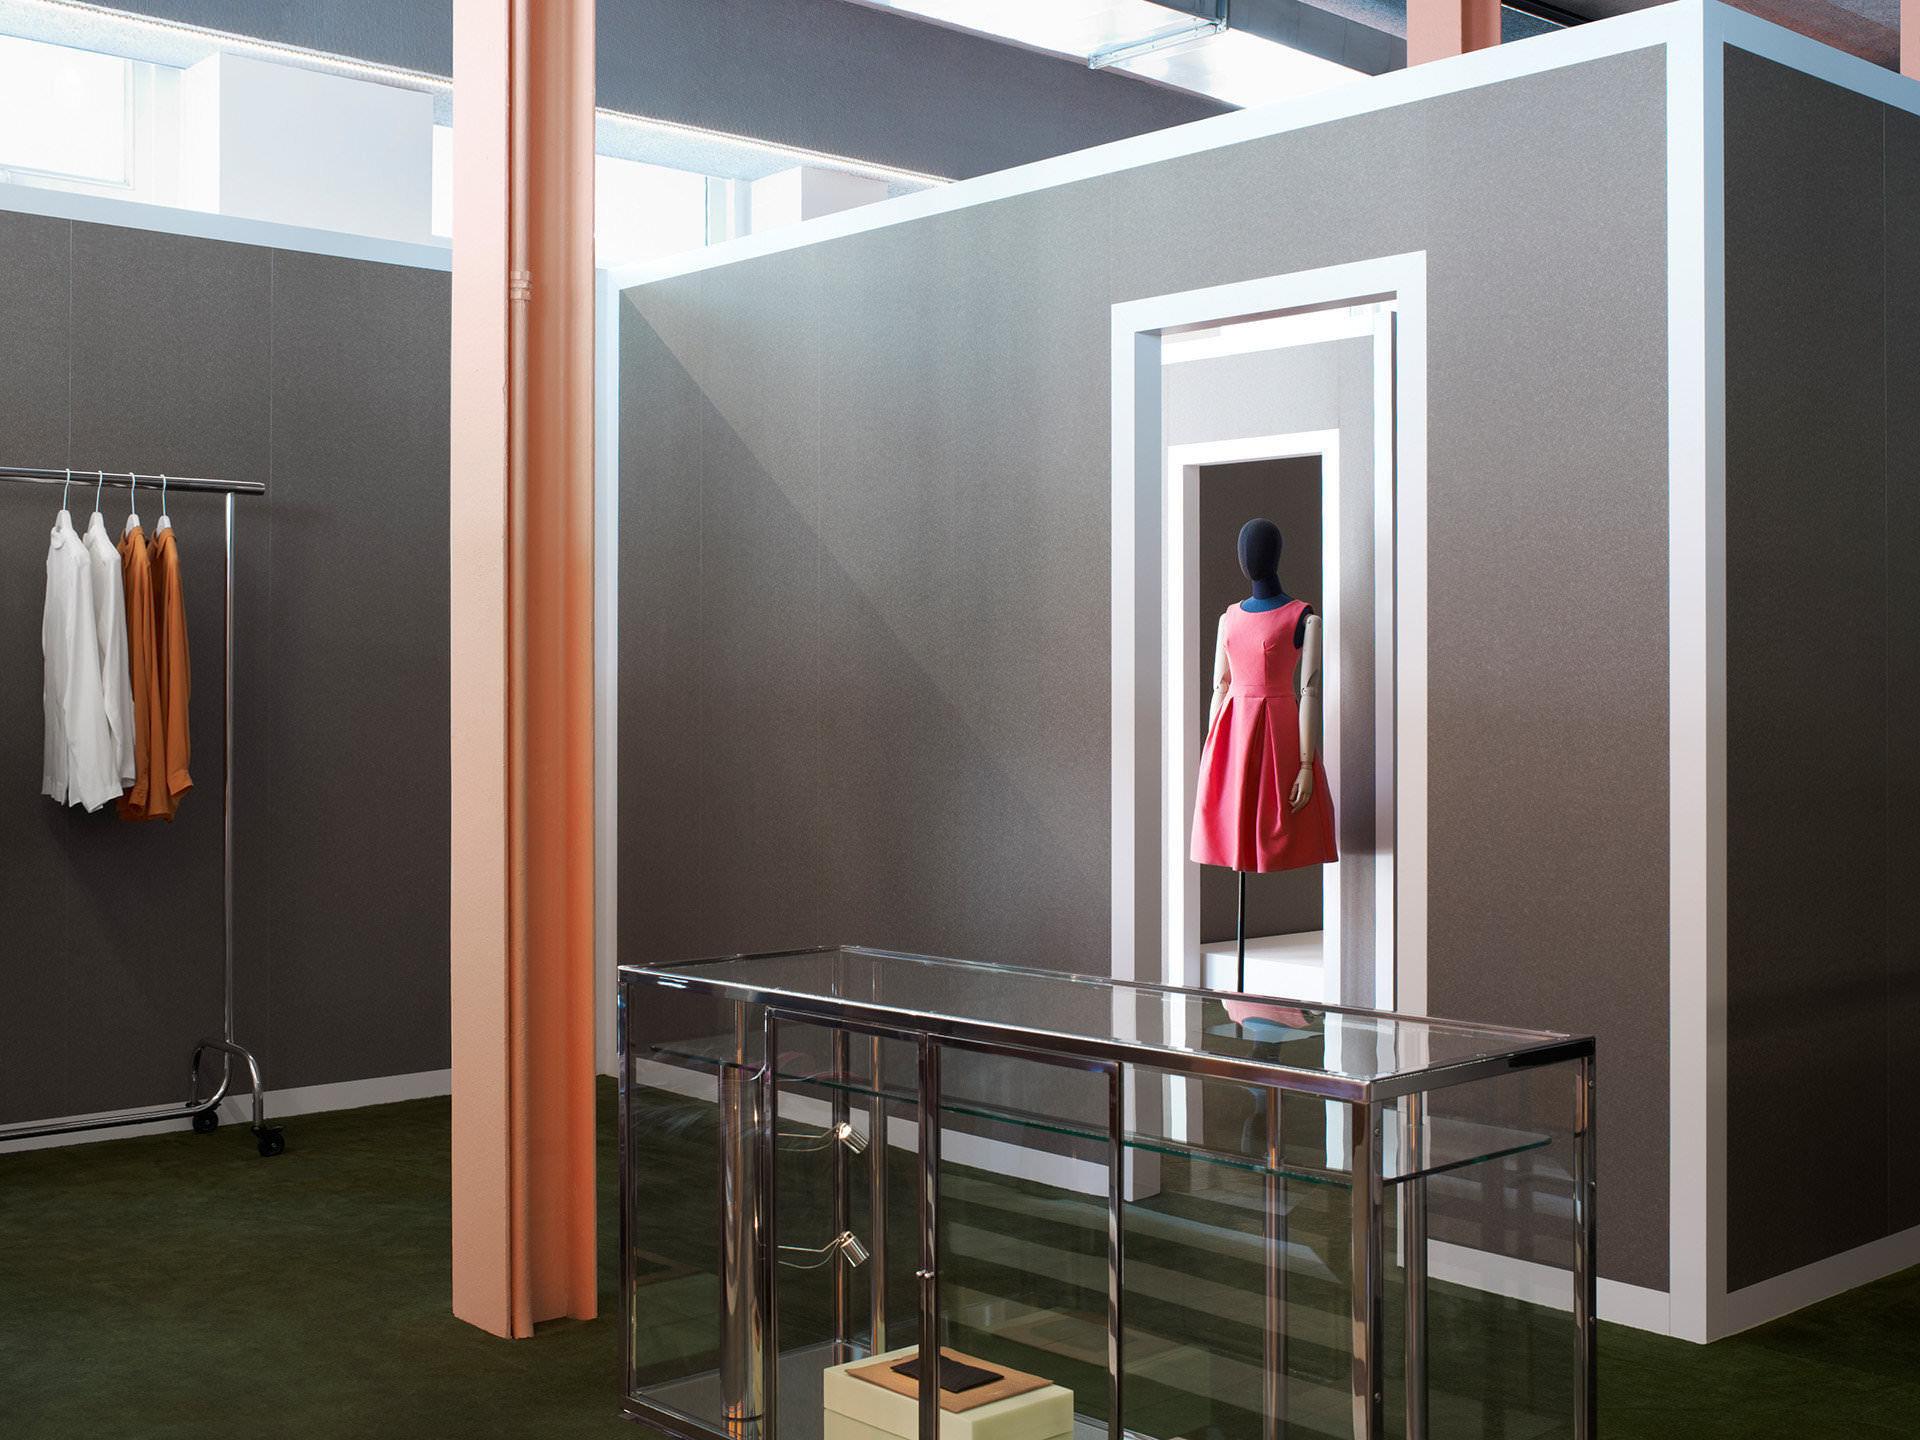 Acne store konzept: scharfe schnitte und skandinavischer minimalismus